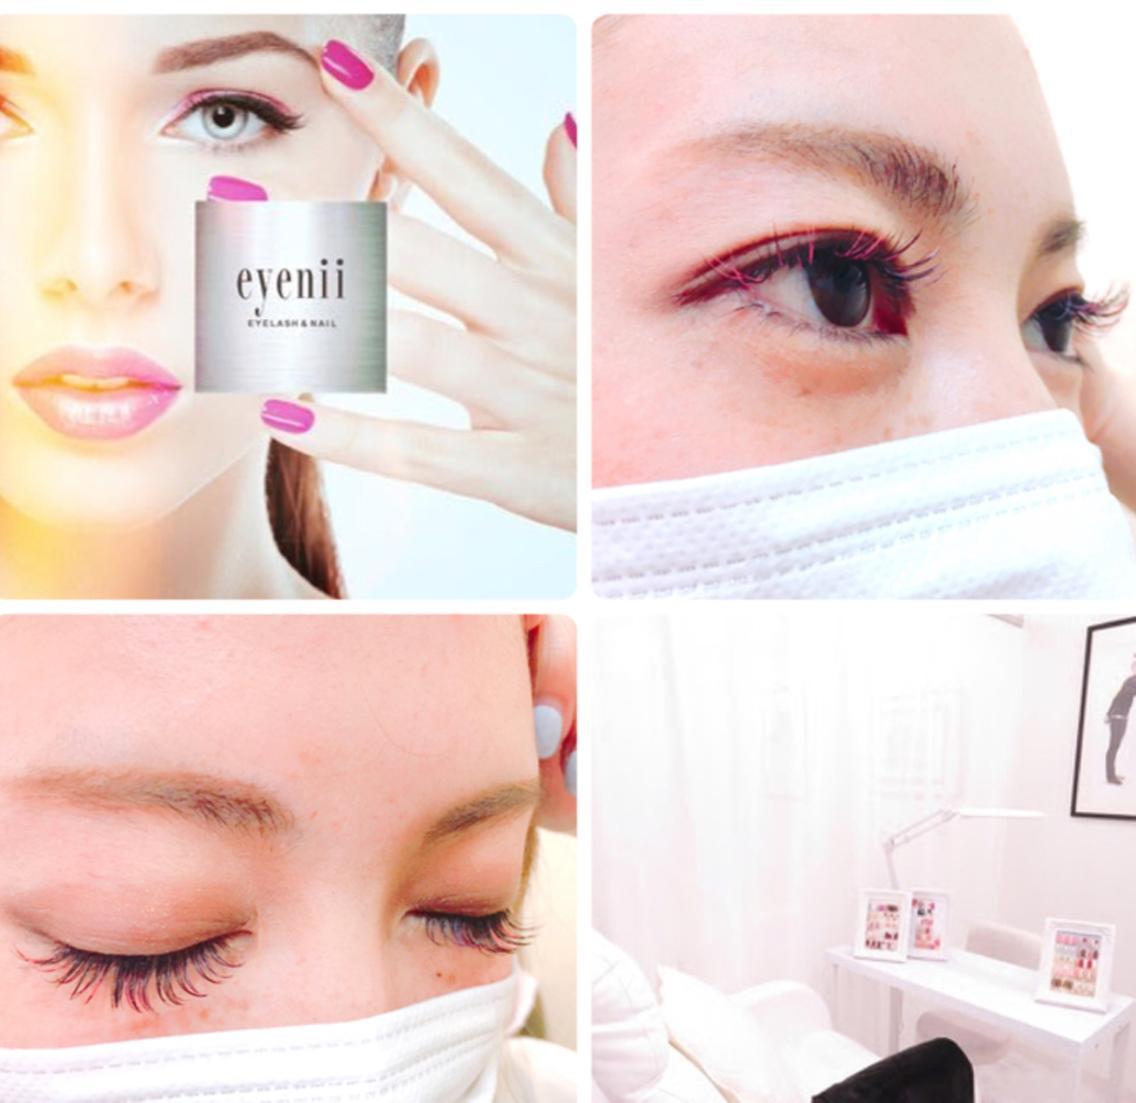 nail&eyelash eyenii☽所属・eyenii. nana☪︎の掲載